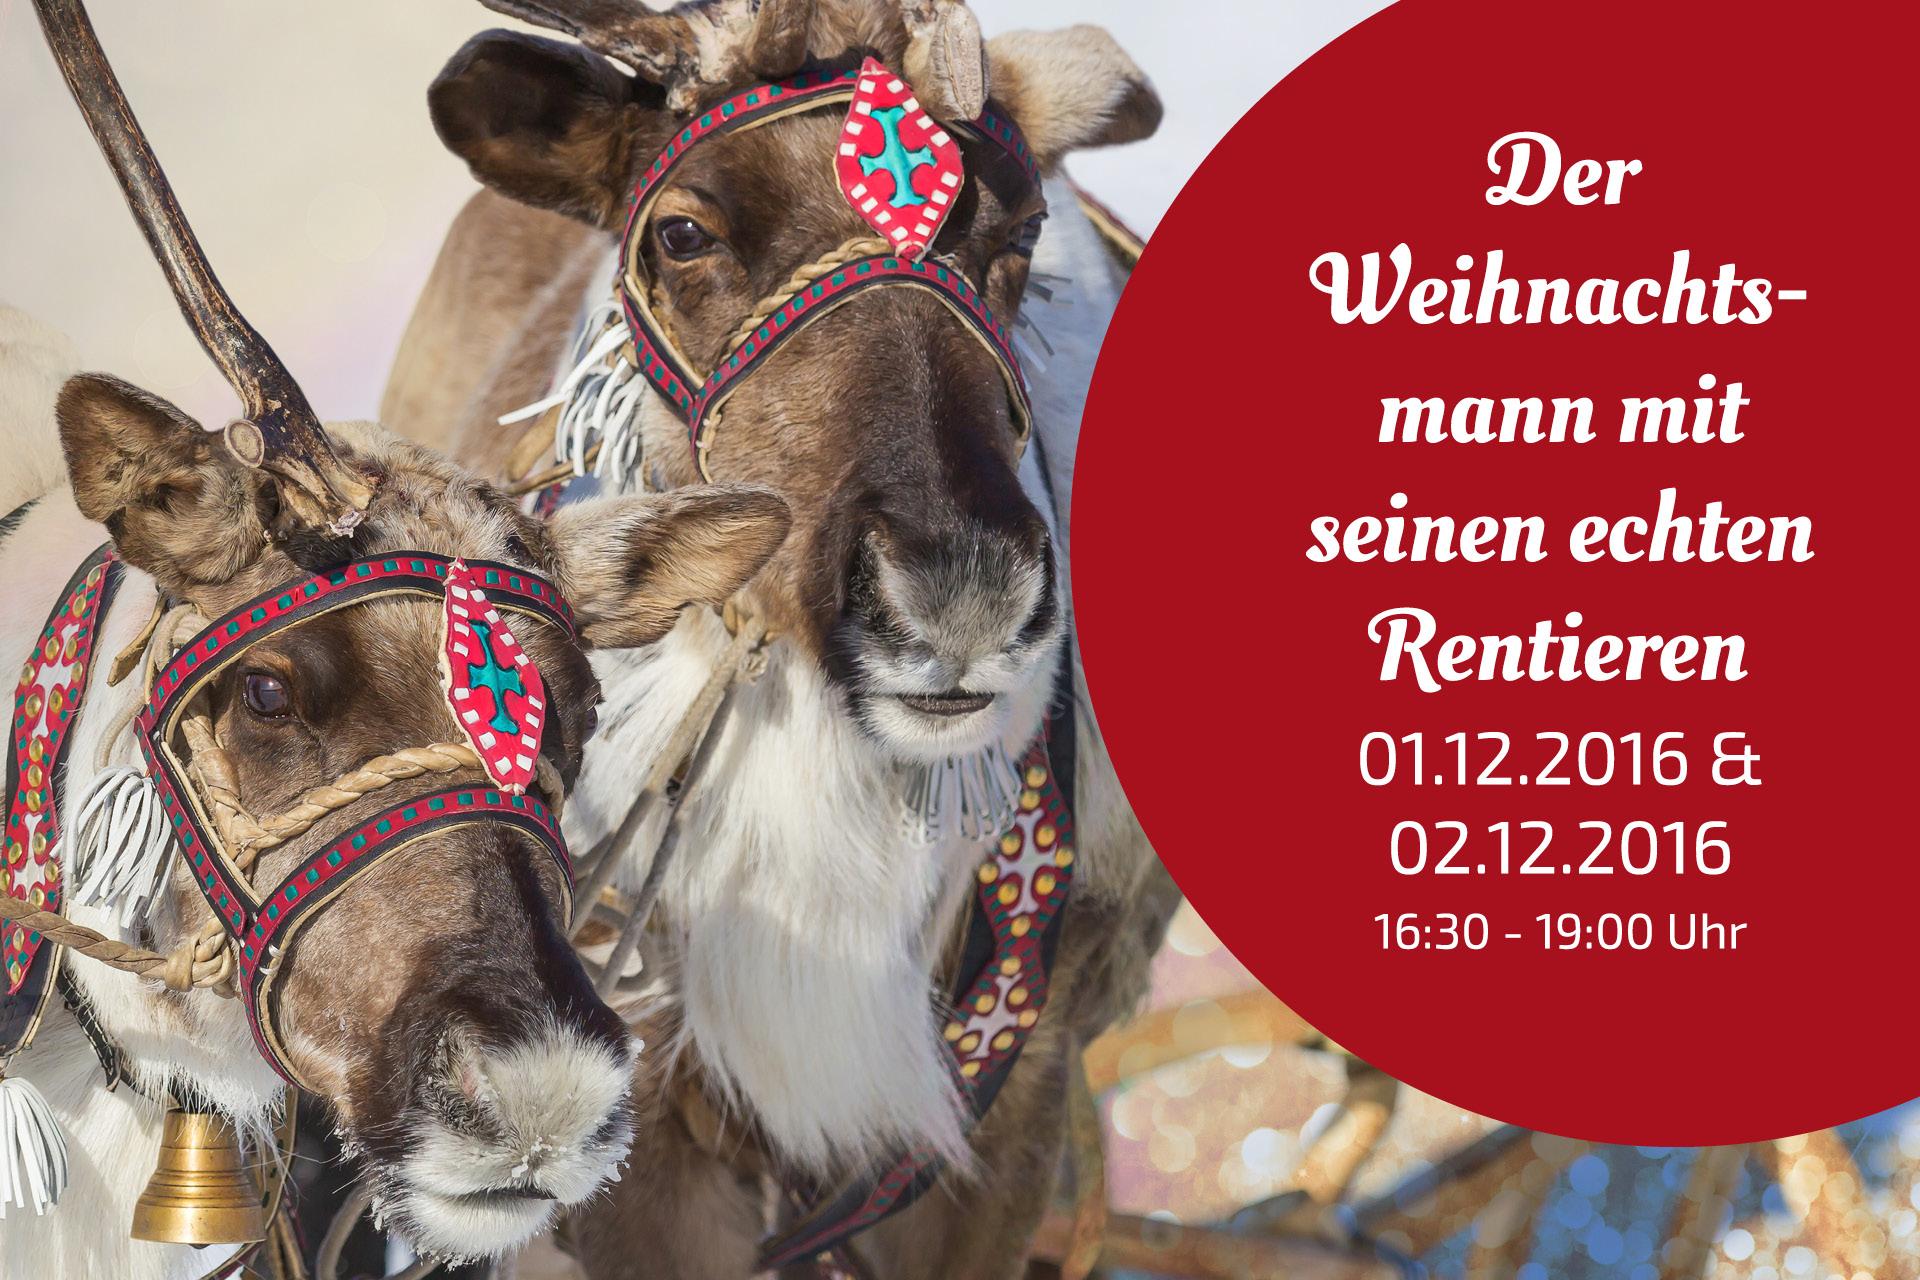 Der Weihnachtsmann mit Schlitten und echten Rentieren in Rudolstadt / Thüringen